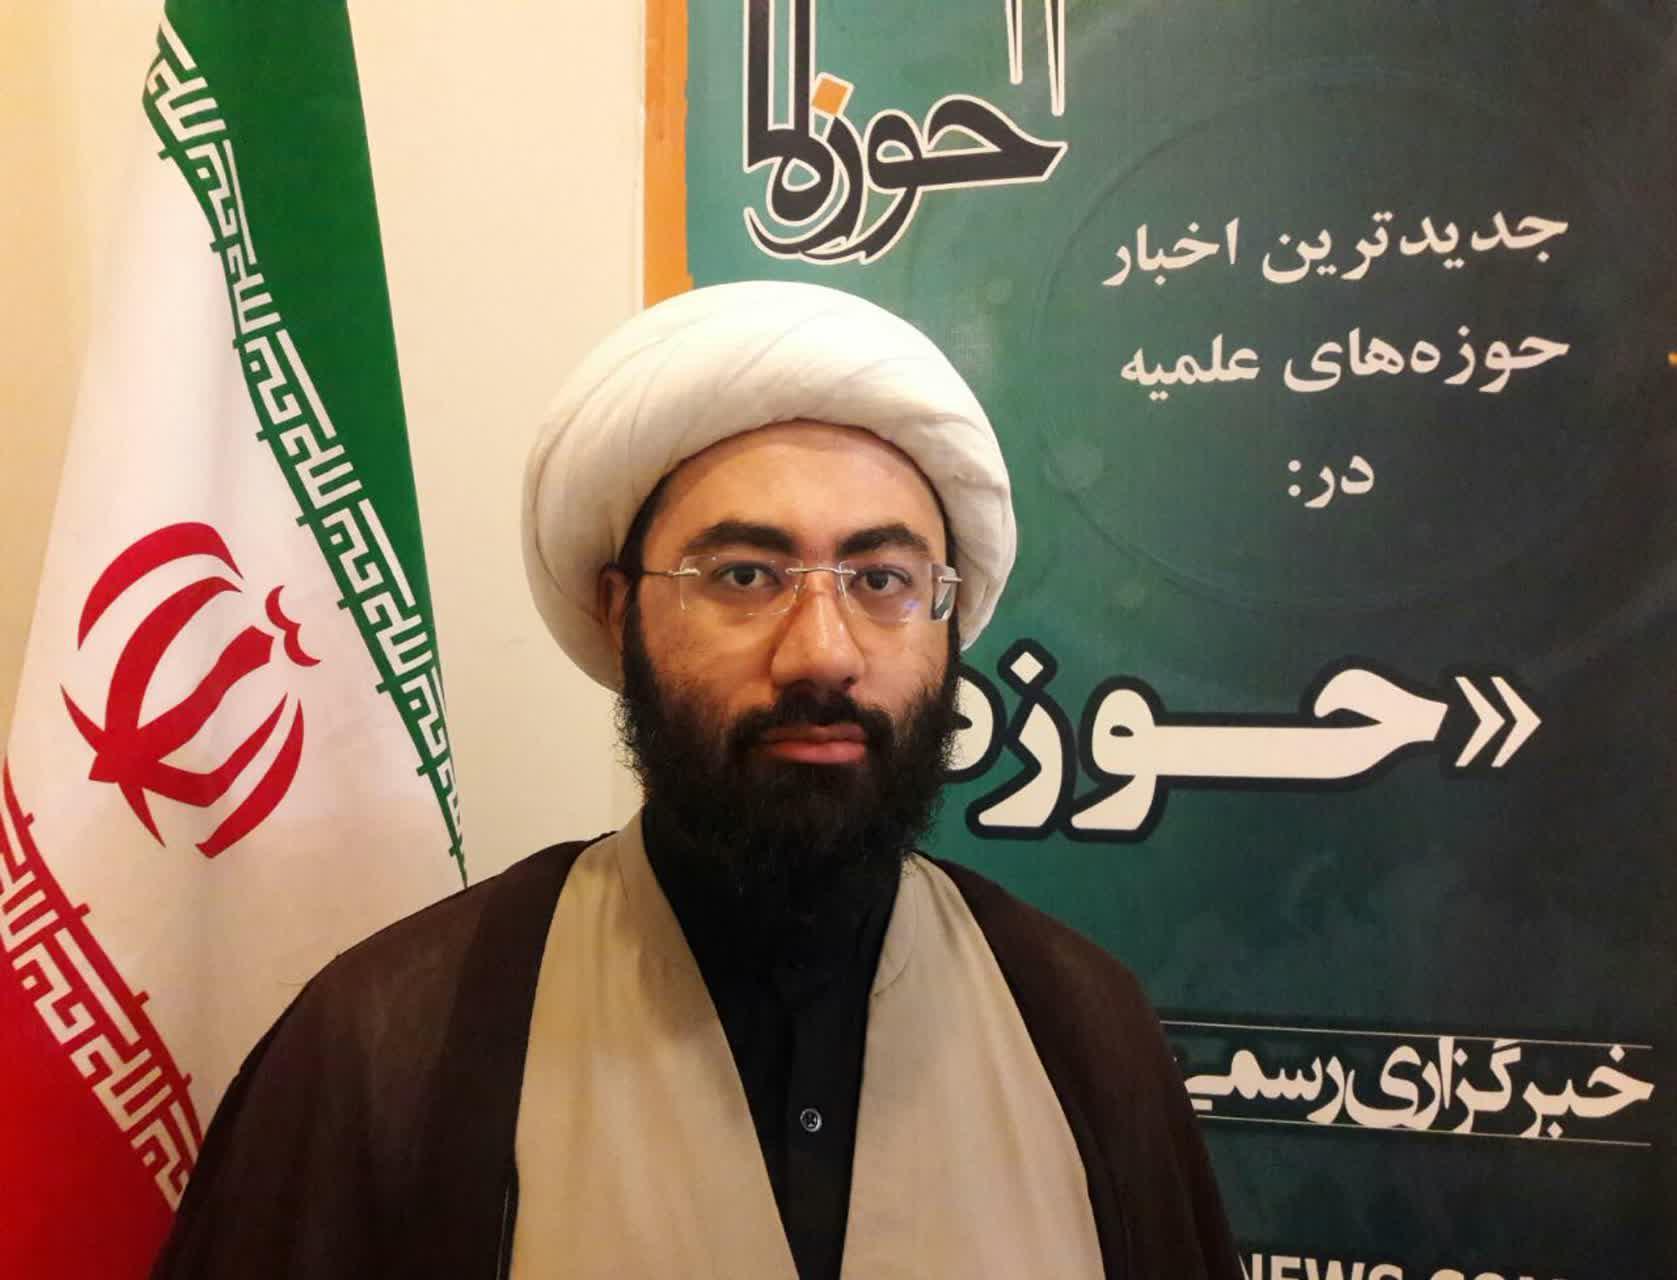 حجت الاسلام احمدرضا اصغری معاونت آموزش مدرسه باقرالعلوم(ع) سرپل ذهاب